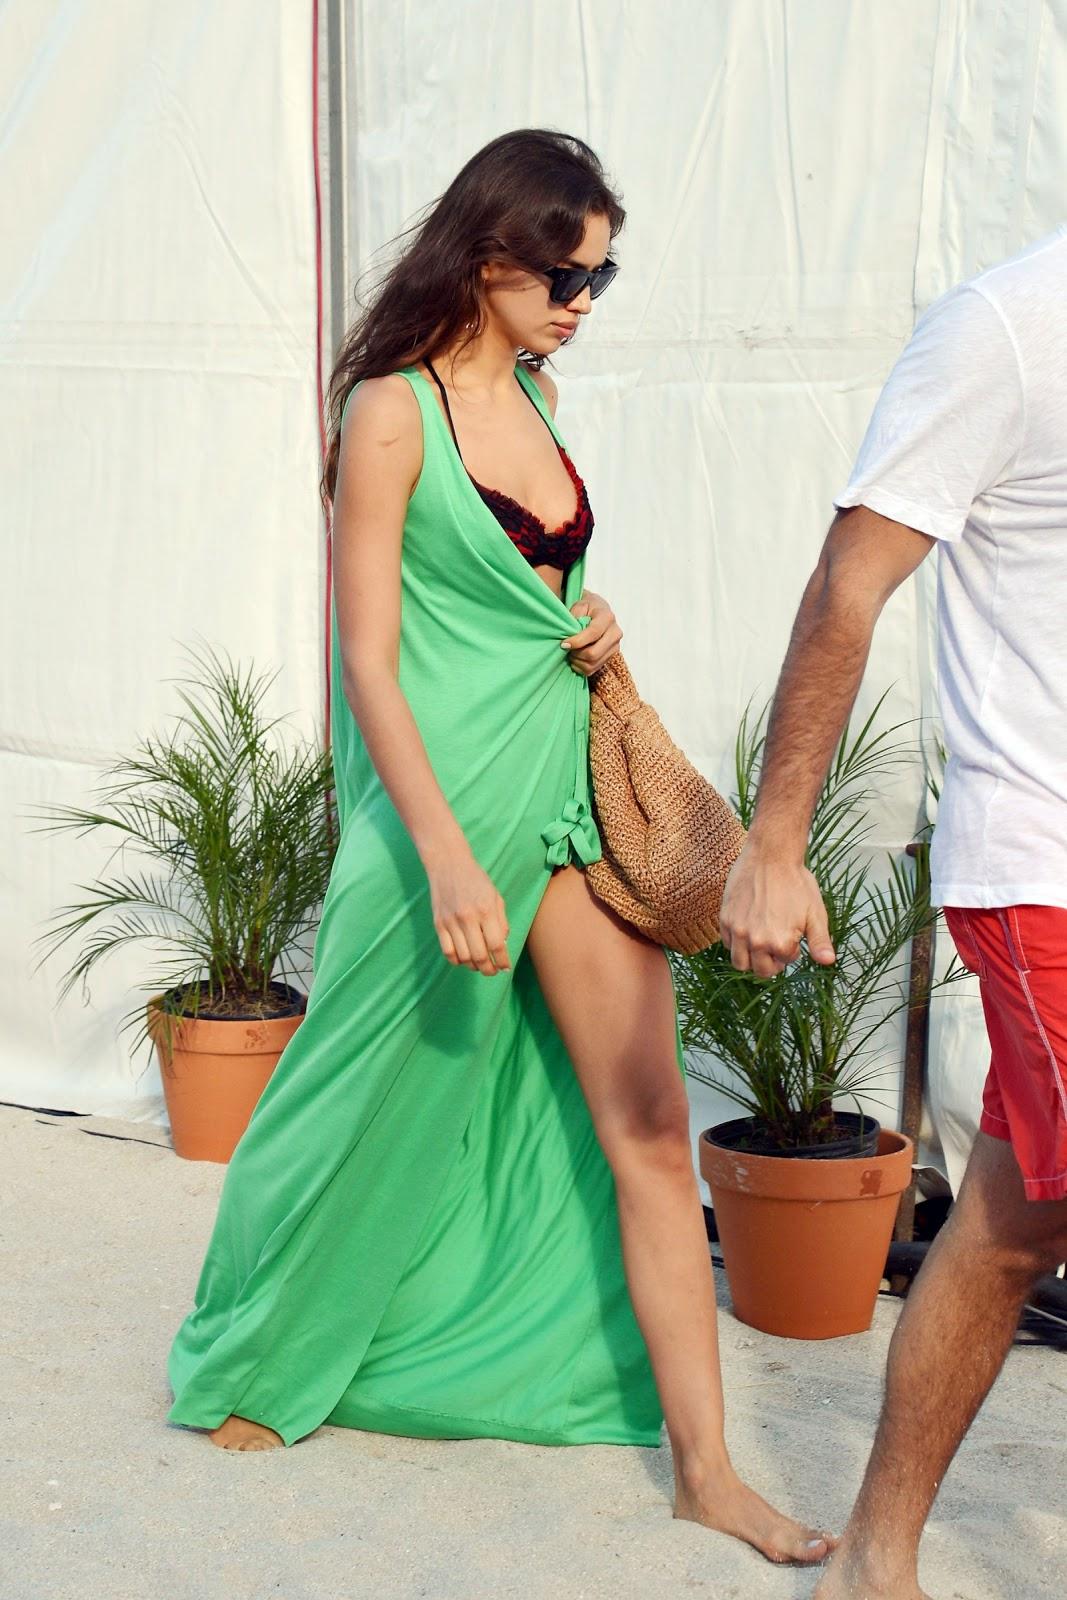 http://3.bp.blogspot.com/-Aqv-oHjKxqs/UMWCaefUgMI/AAAAAAABN_4/DLD92bgycps/s1600/Irina-Shayk-bikini+(5).jpg